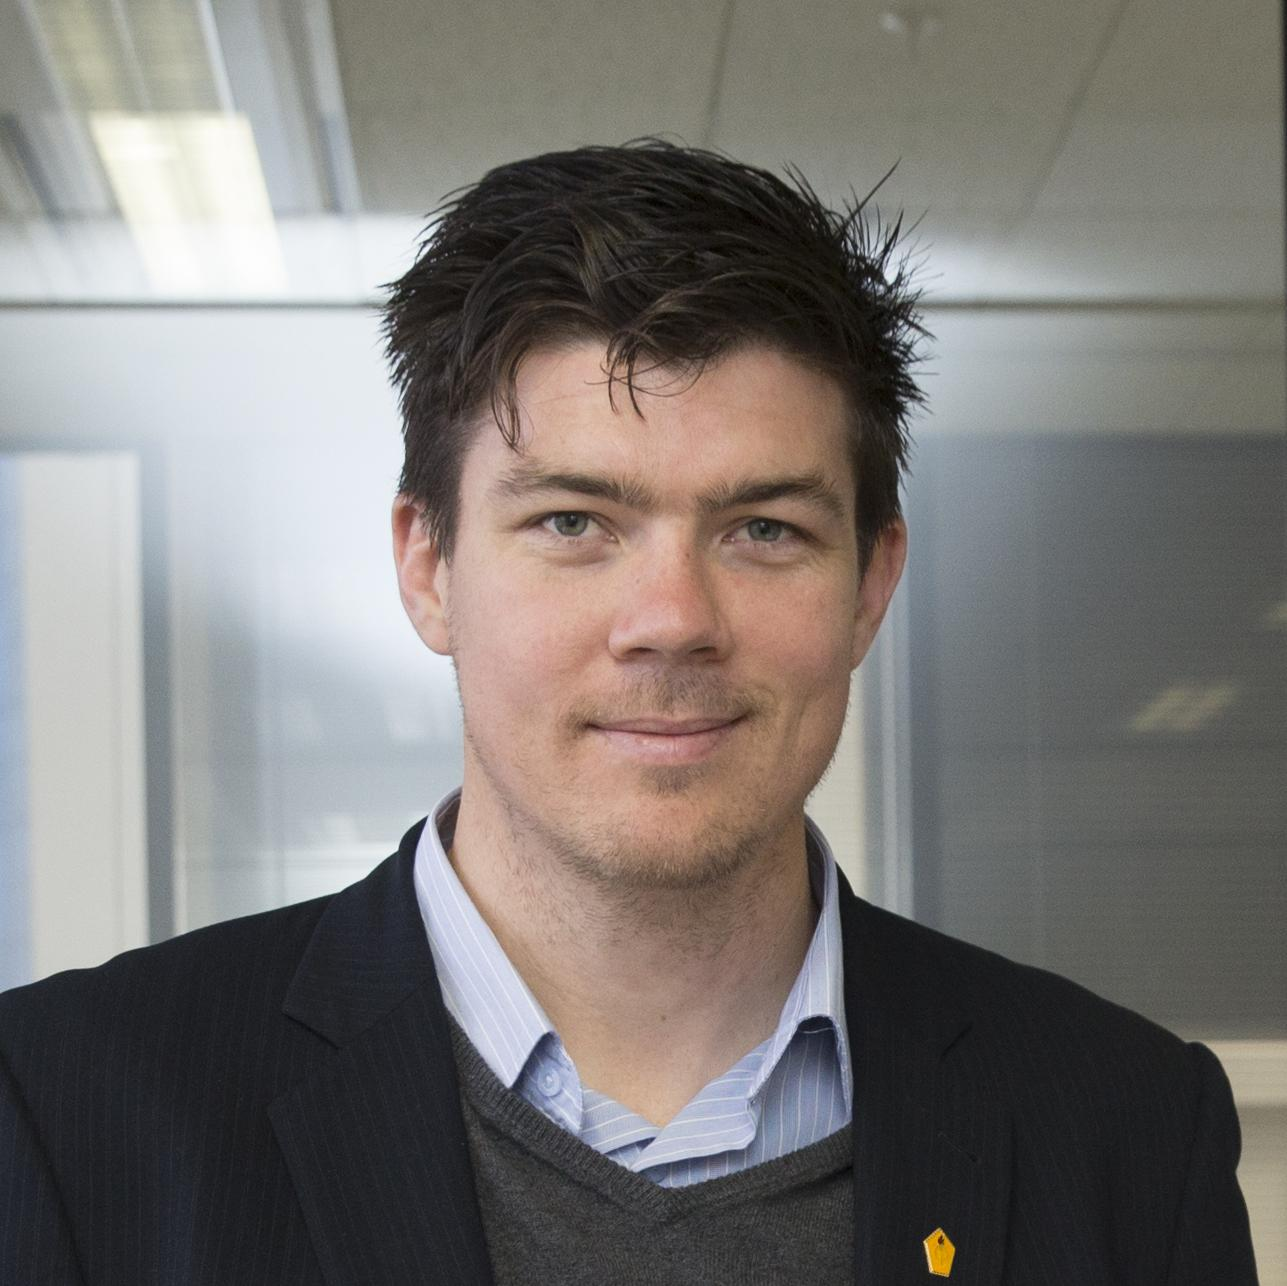 David Weir